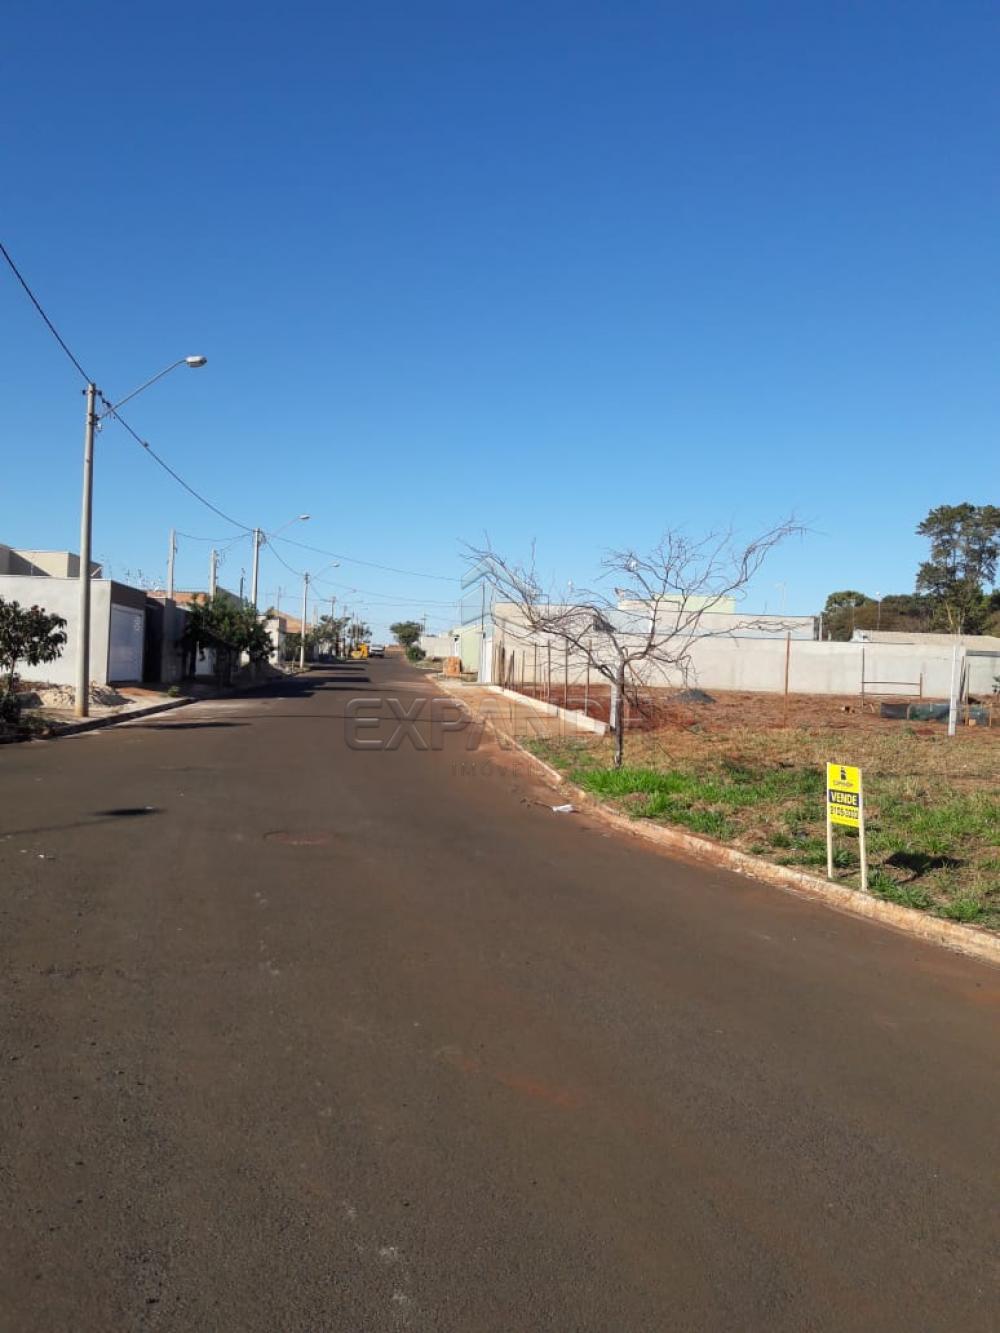 Comprar Terrenos / Padrão em Sertãozinho apenas R$ 99.000,00 - Foto 2